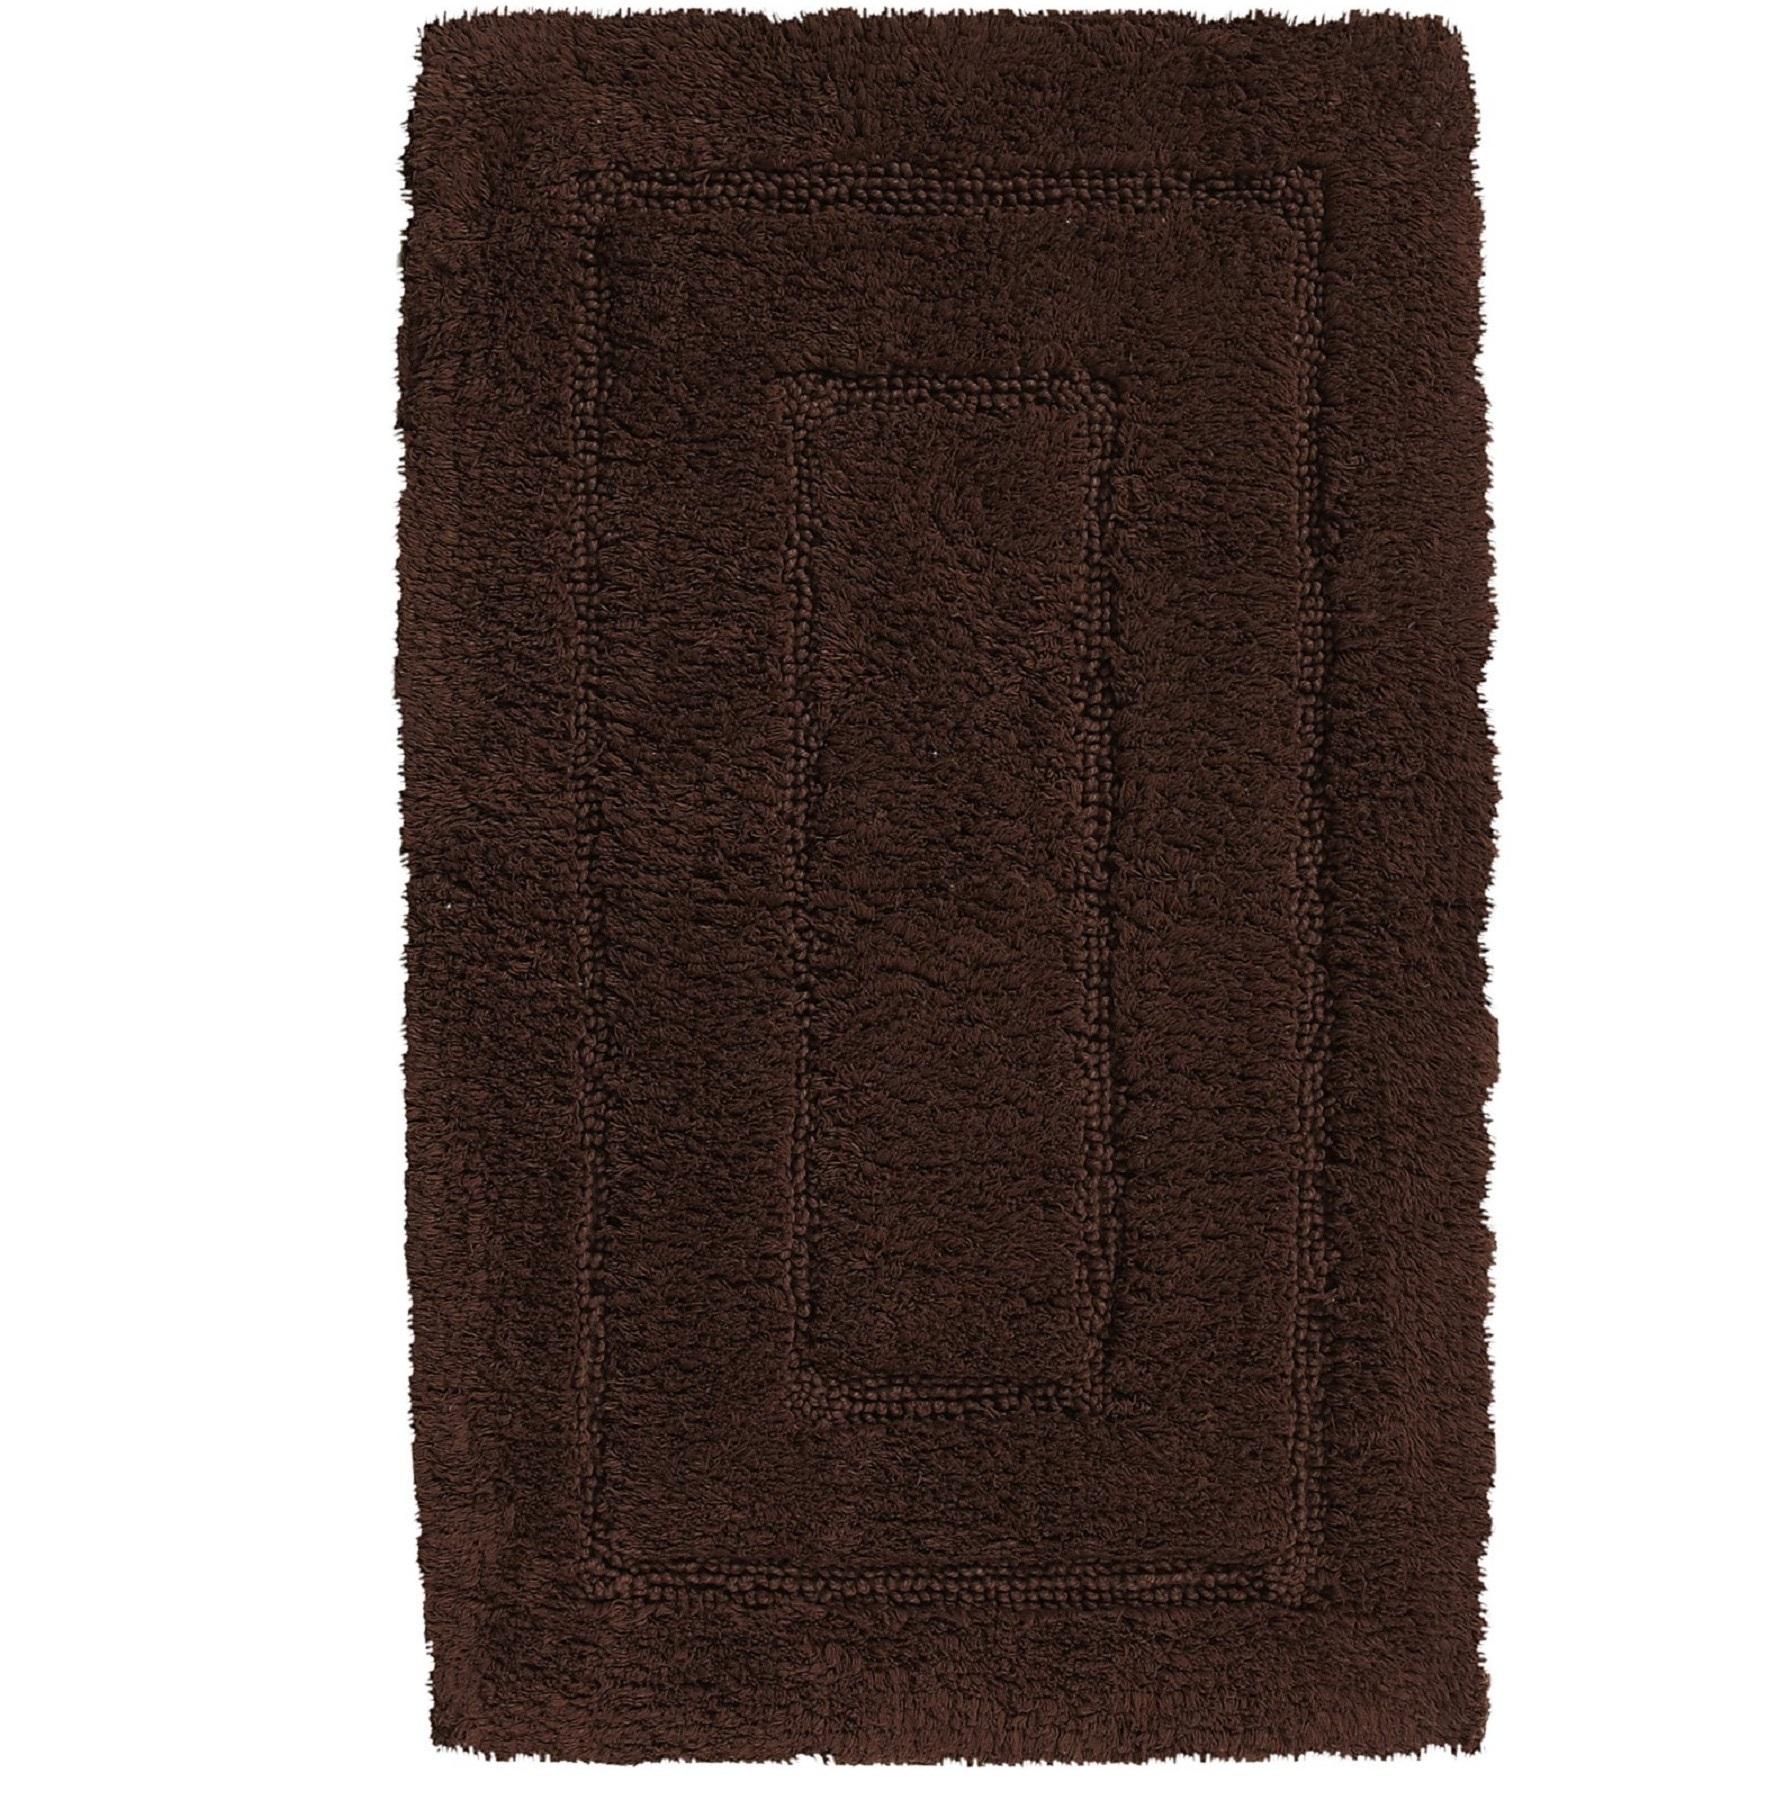 Элитный коврик для ванной Kassadesign Choco от Kassatex